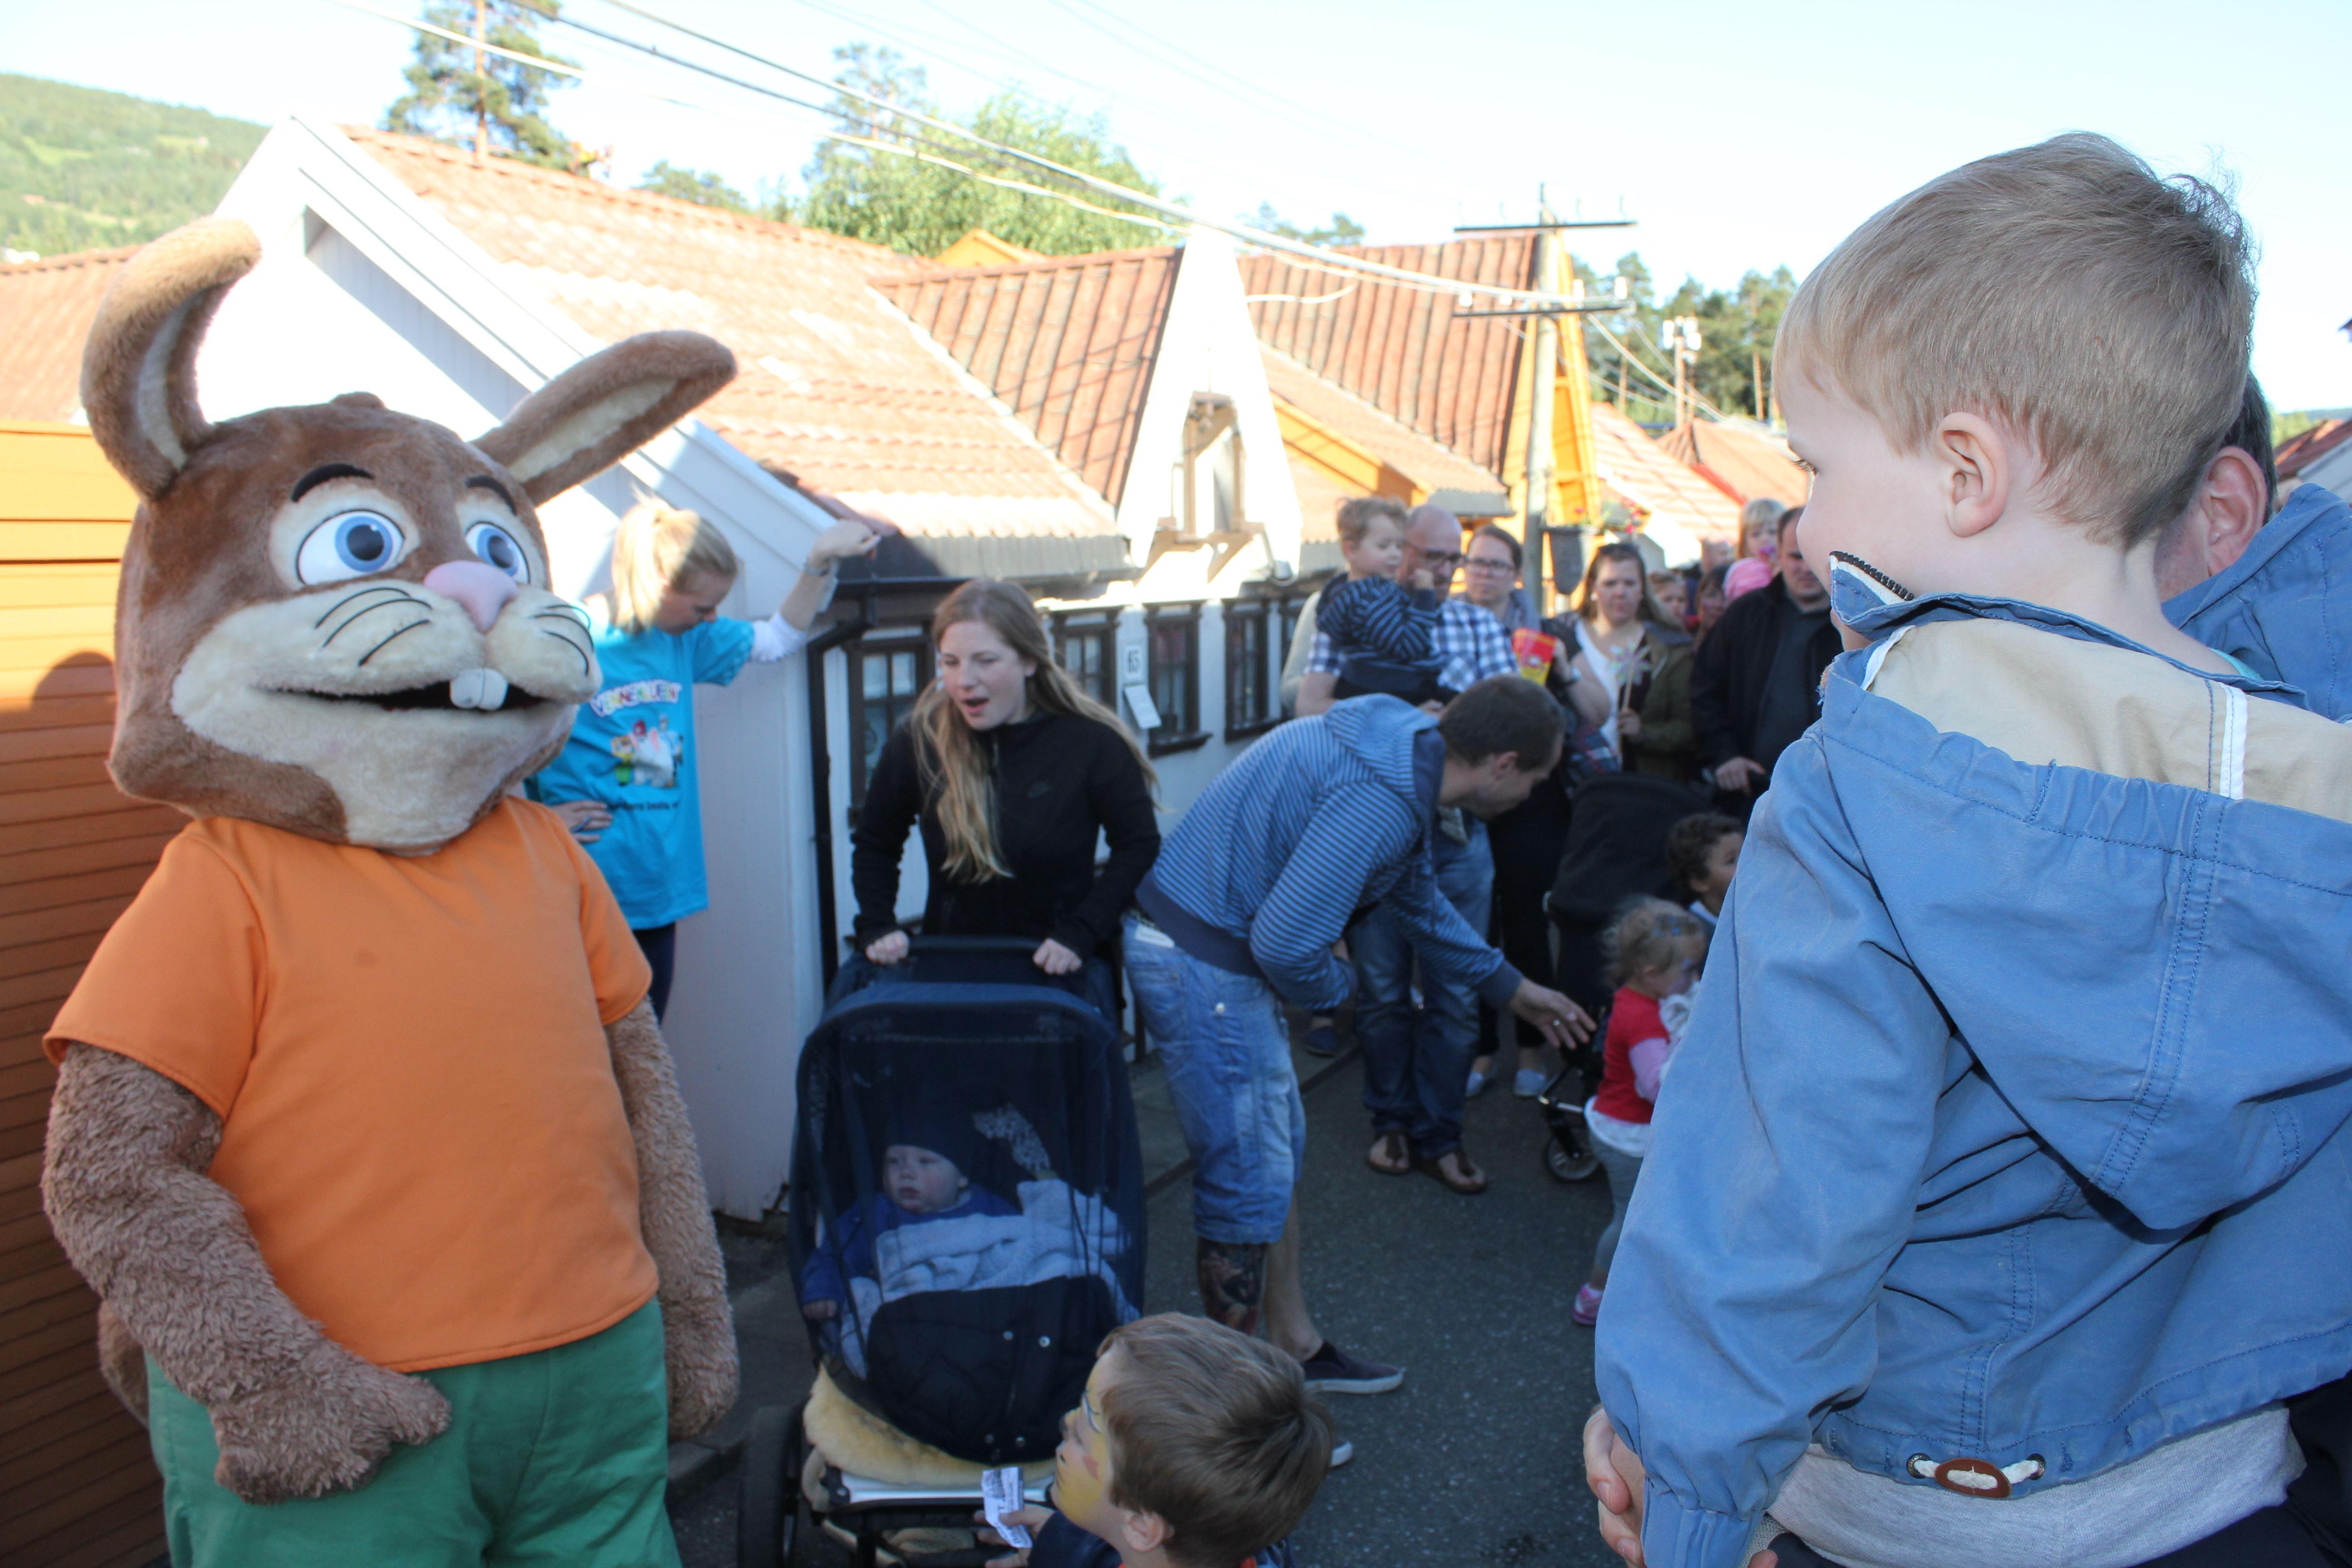 City of friends visit Lilleputthammer miniature town